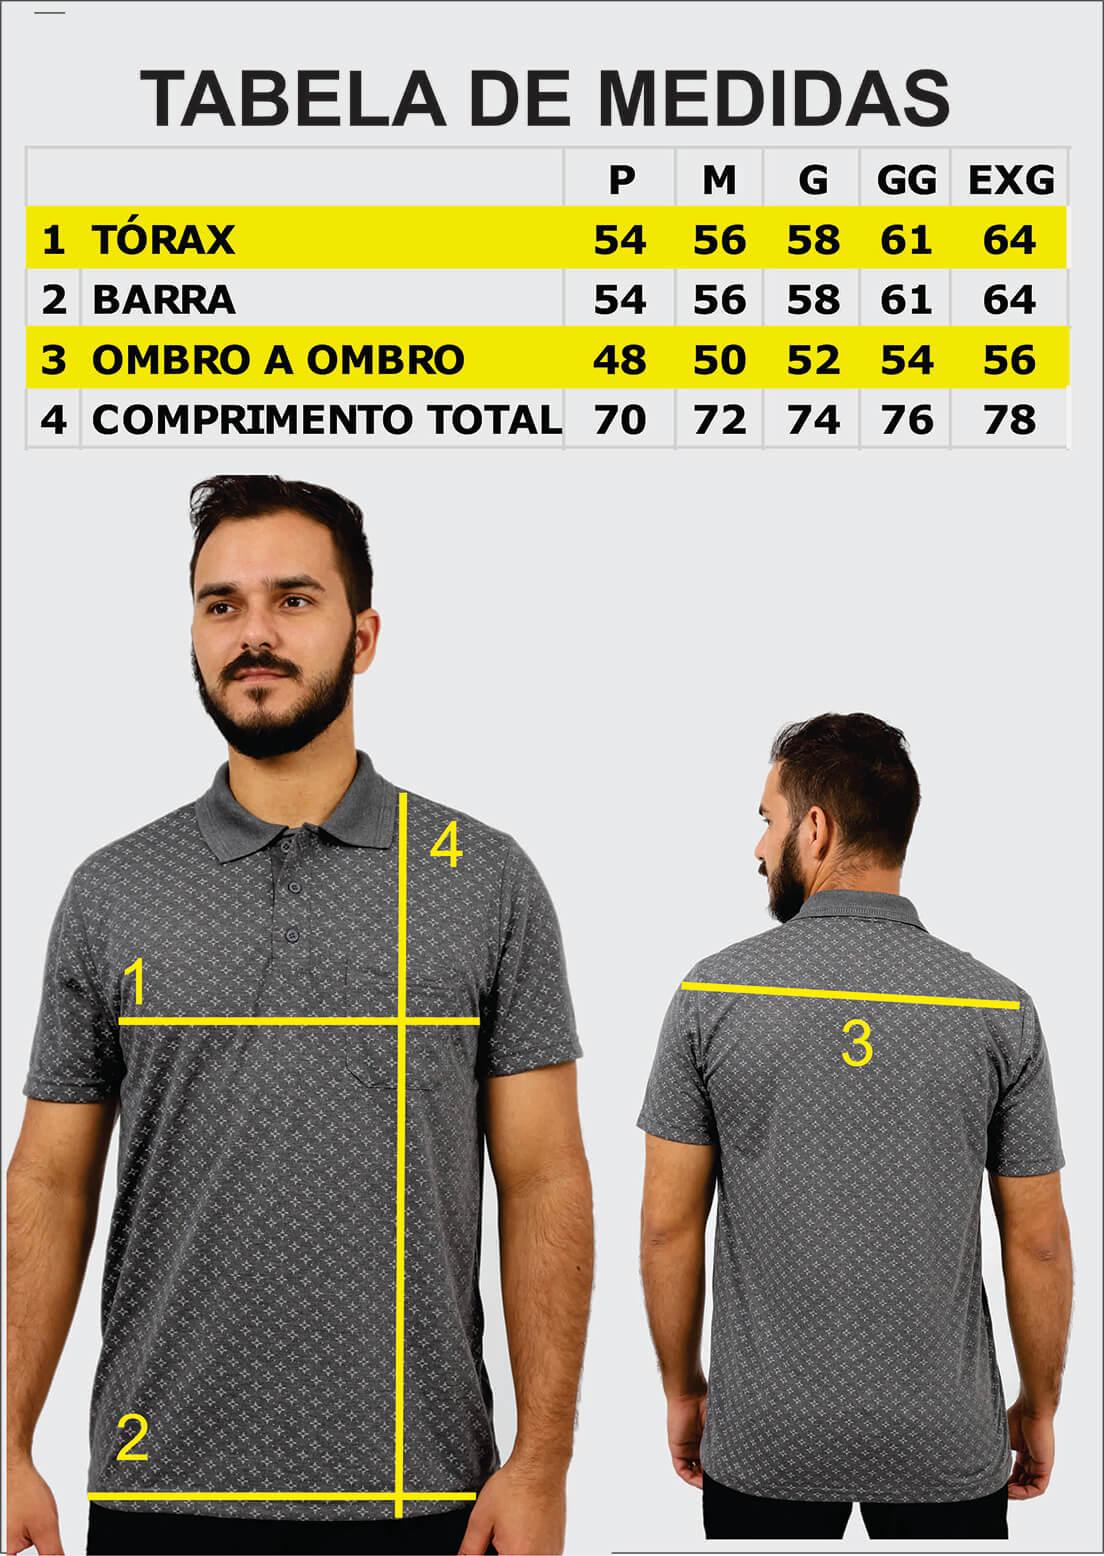 Camisa Gola Polo Lisa com Bolso Poliviscose Várias Cores